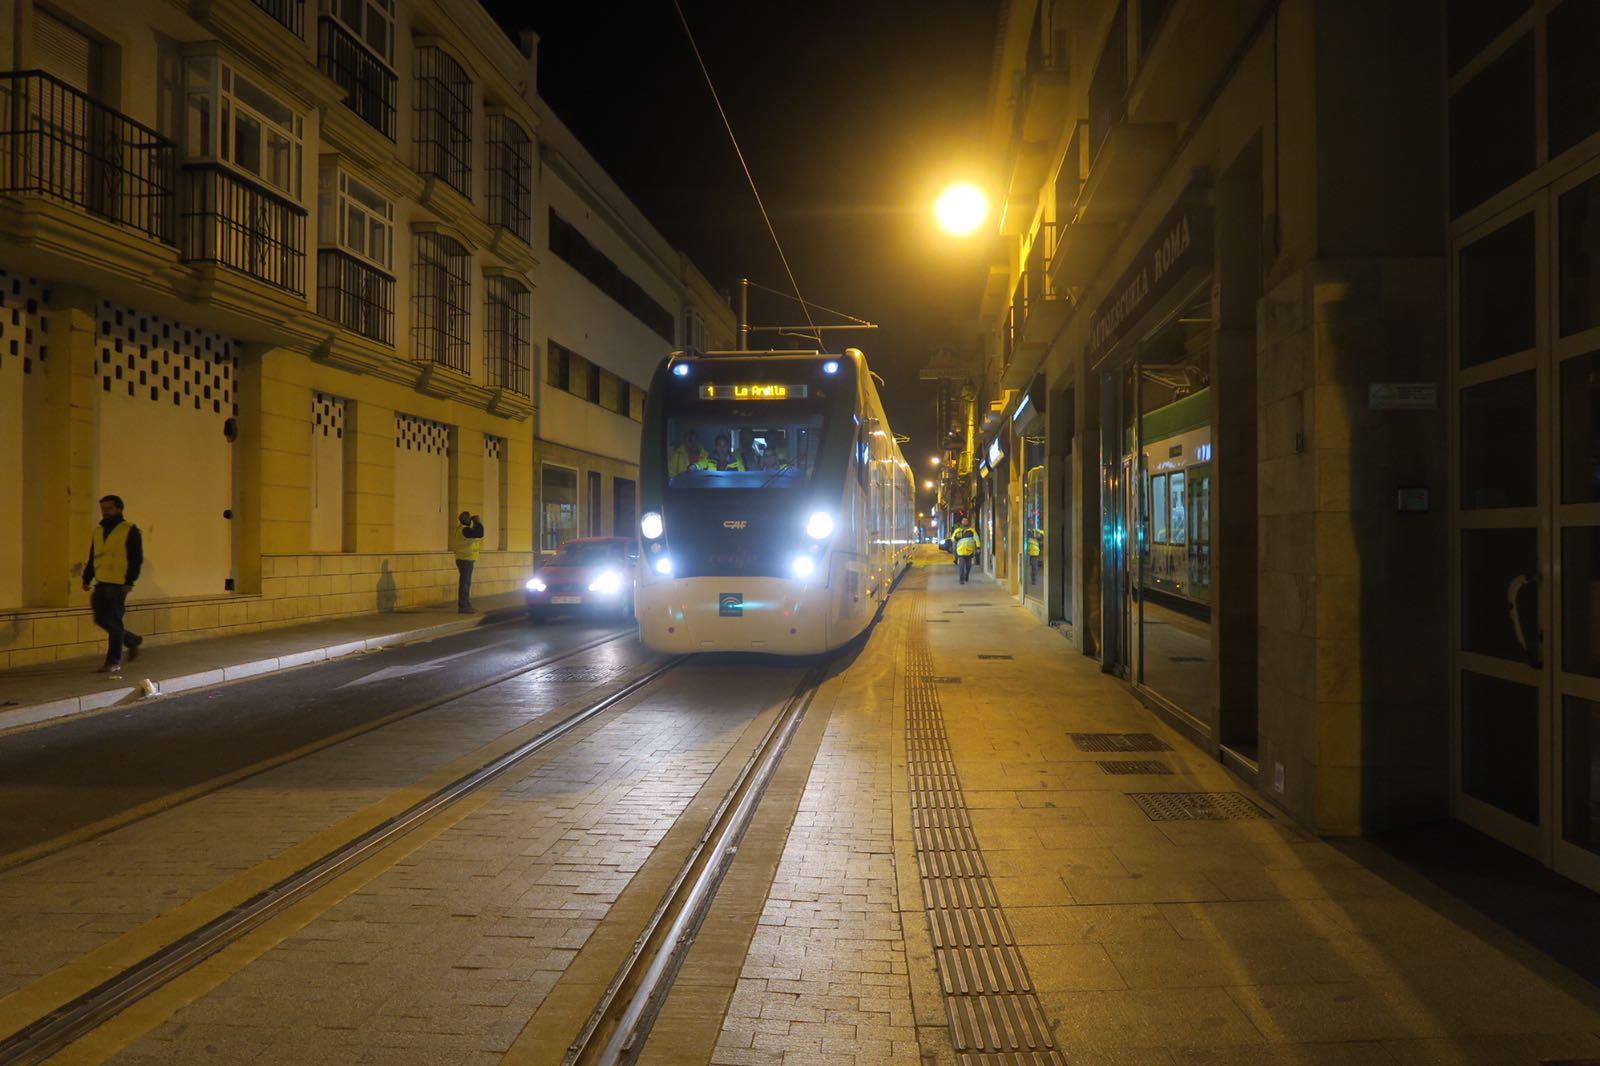 El tren tranvía de la Bahía de Cádiz recorre en pruebas el trayecto entre Pelagatos y Tres Caminos